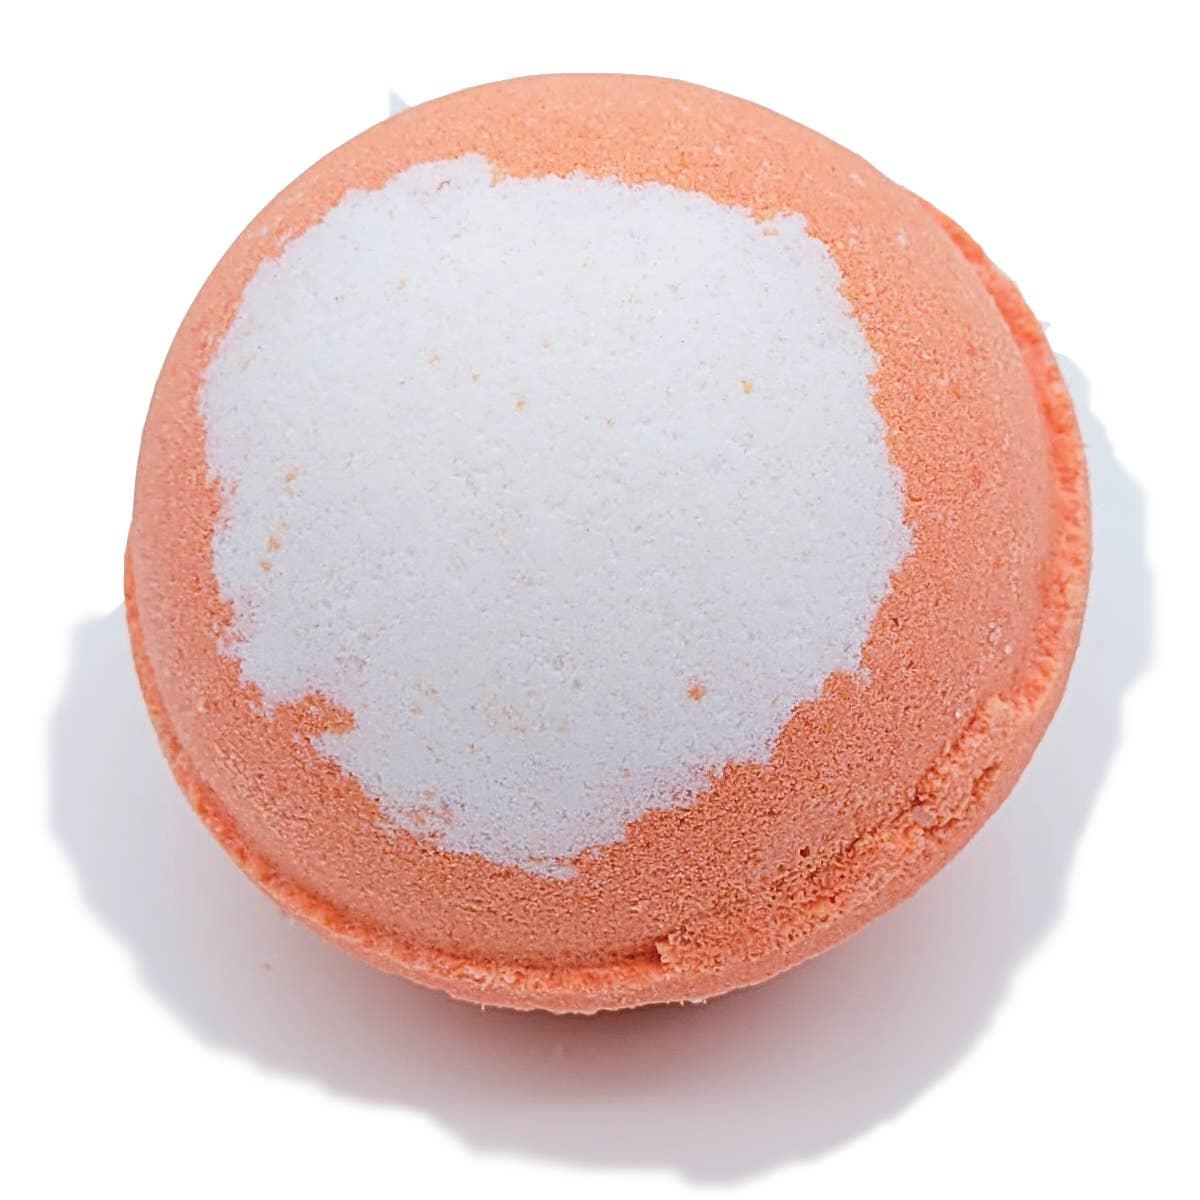 Evolve - Bath Bomb - Peaches & Cream | Trada Marketplace